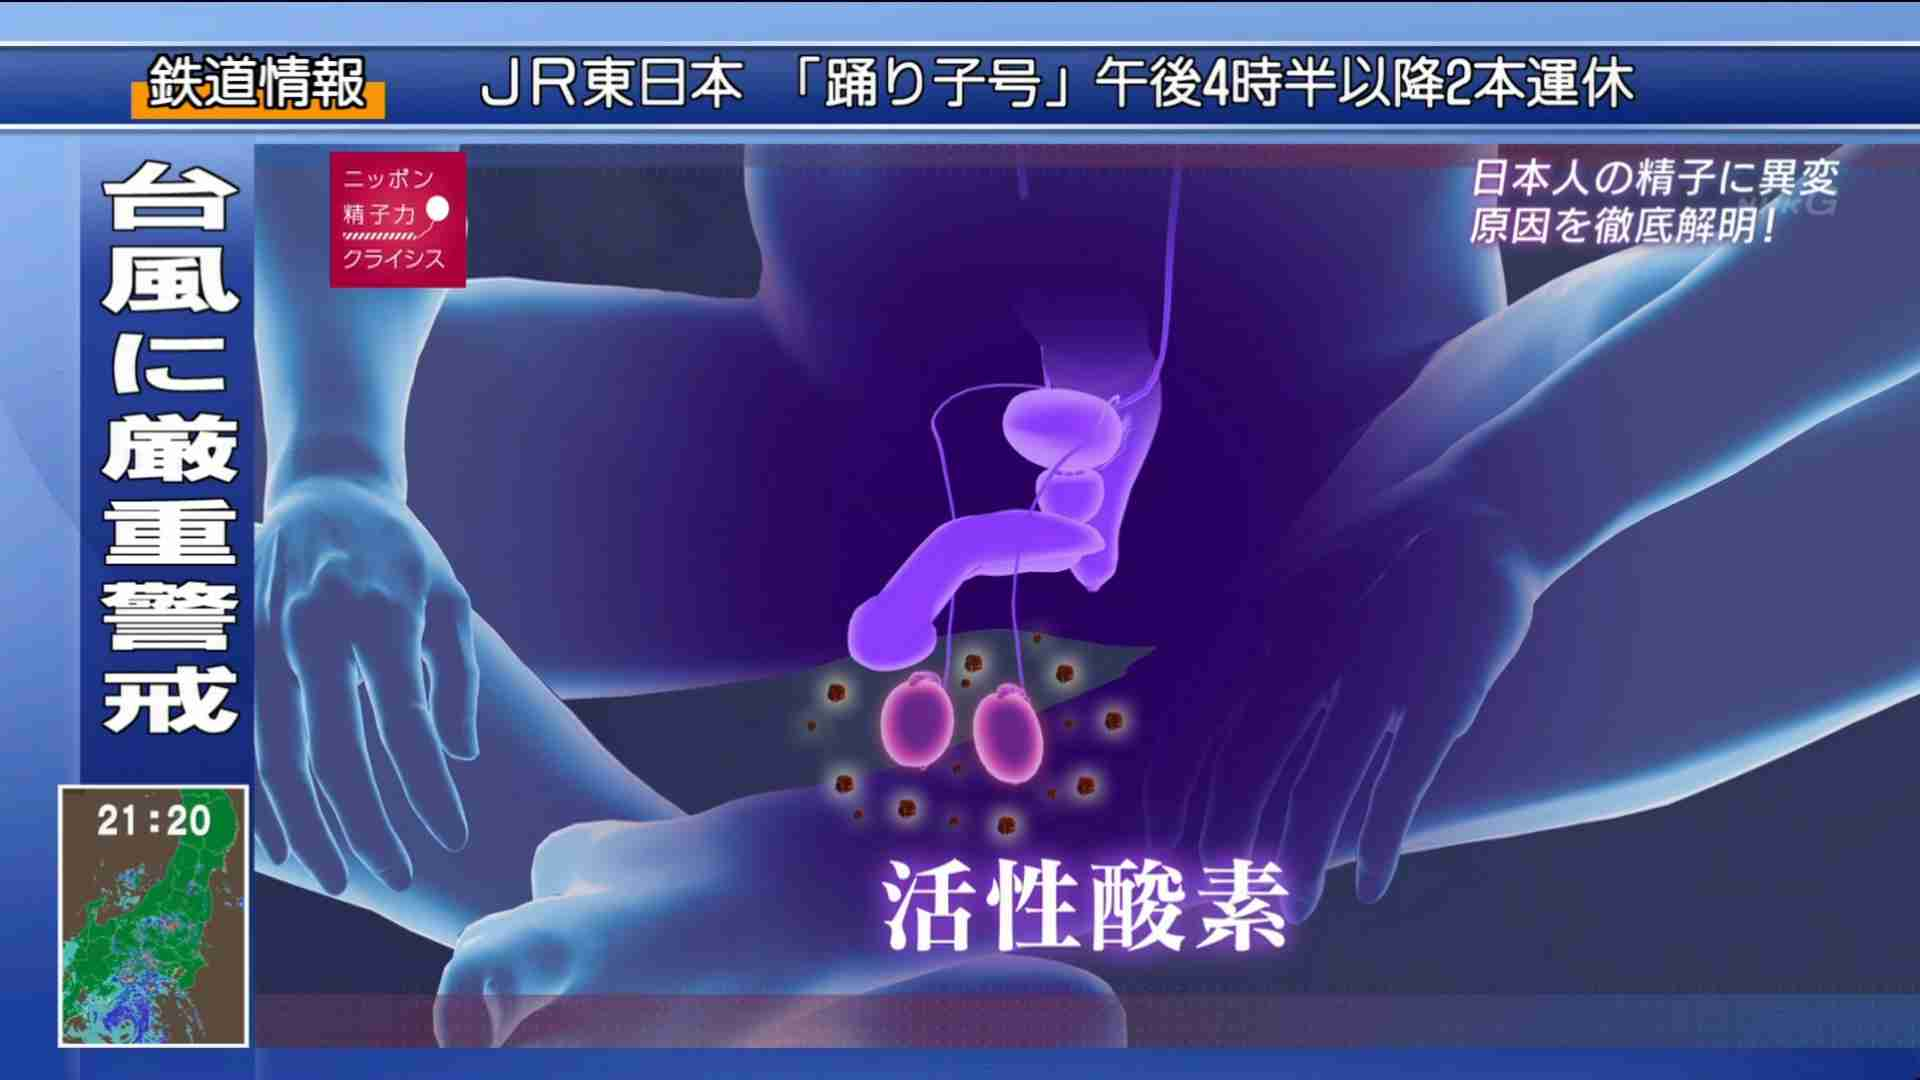 鈴木おさむ、精子の検査を呼びかける「僕もまさか運動量が悪いなんて思わなかった」